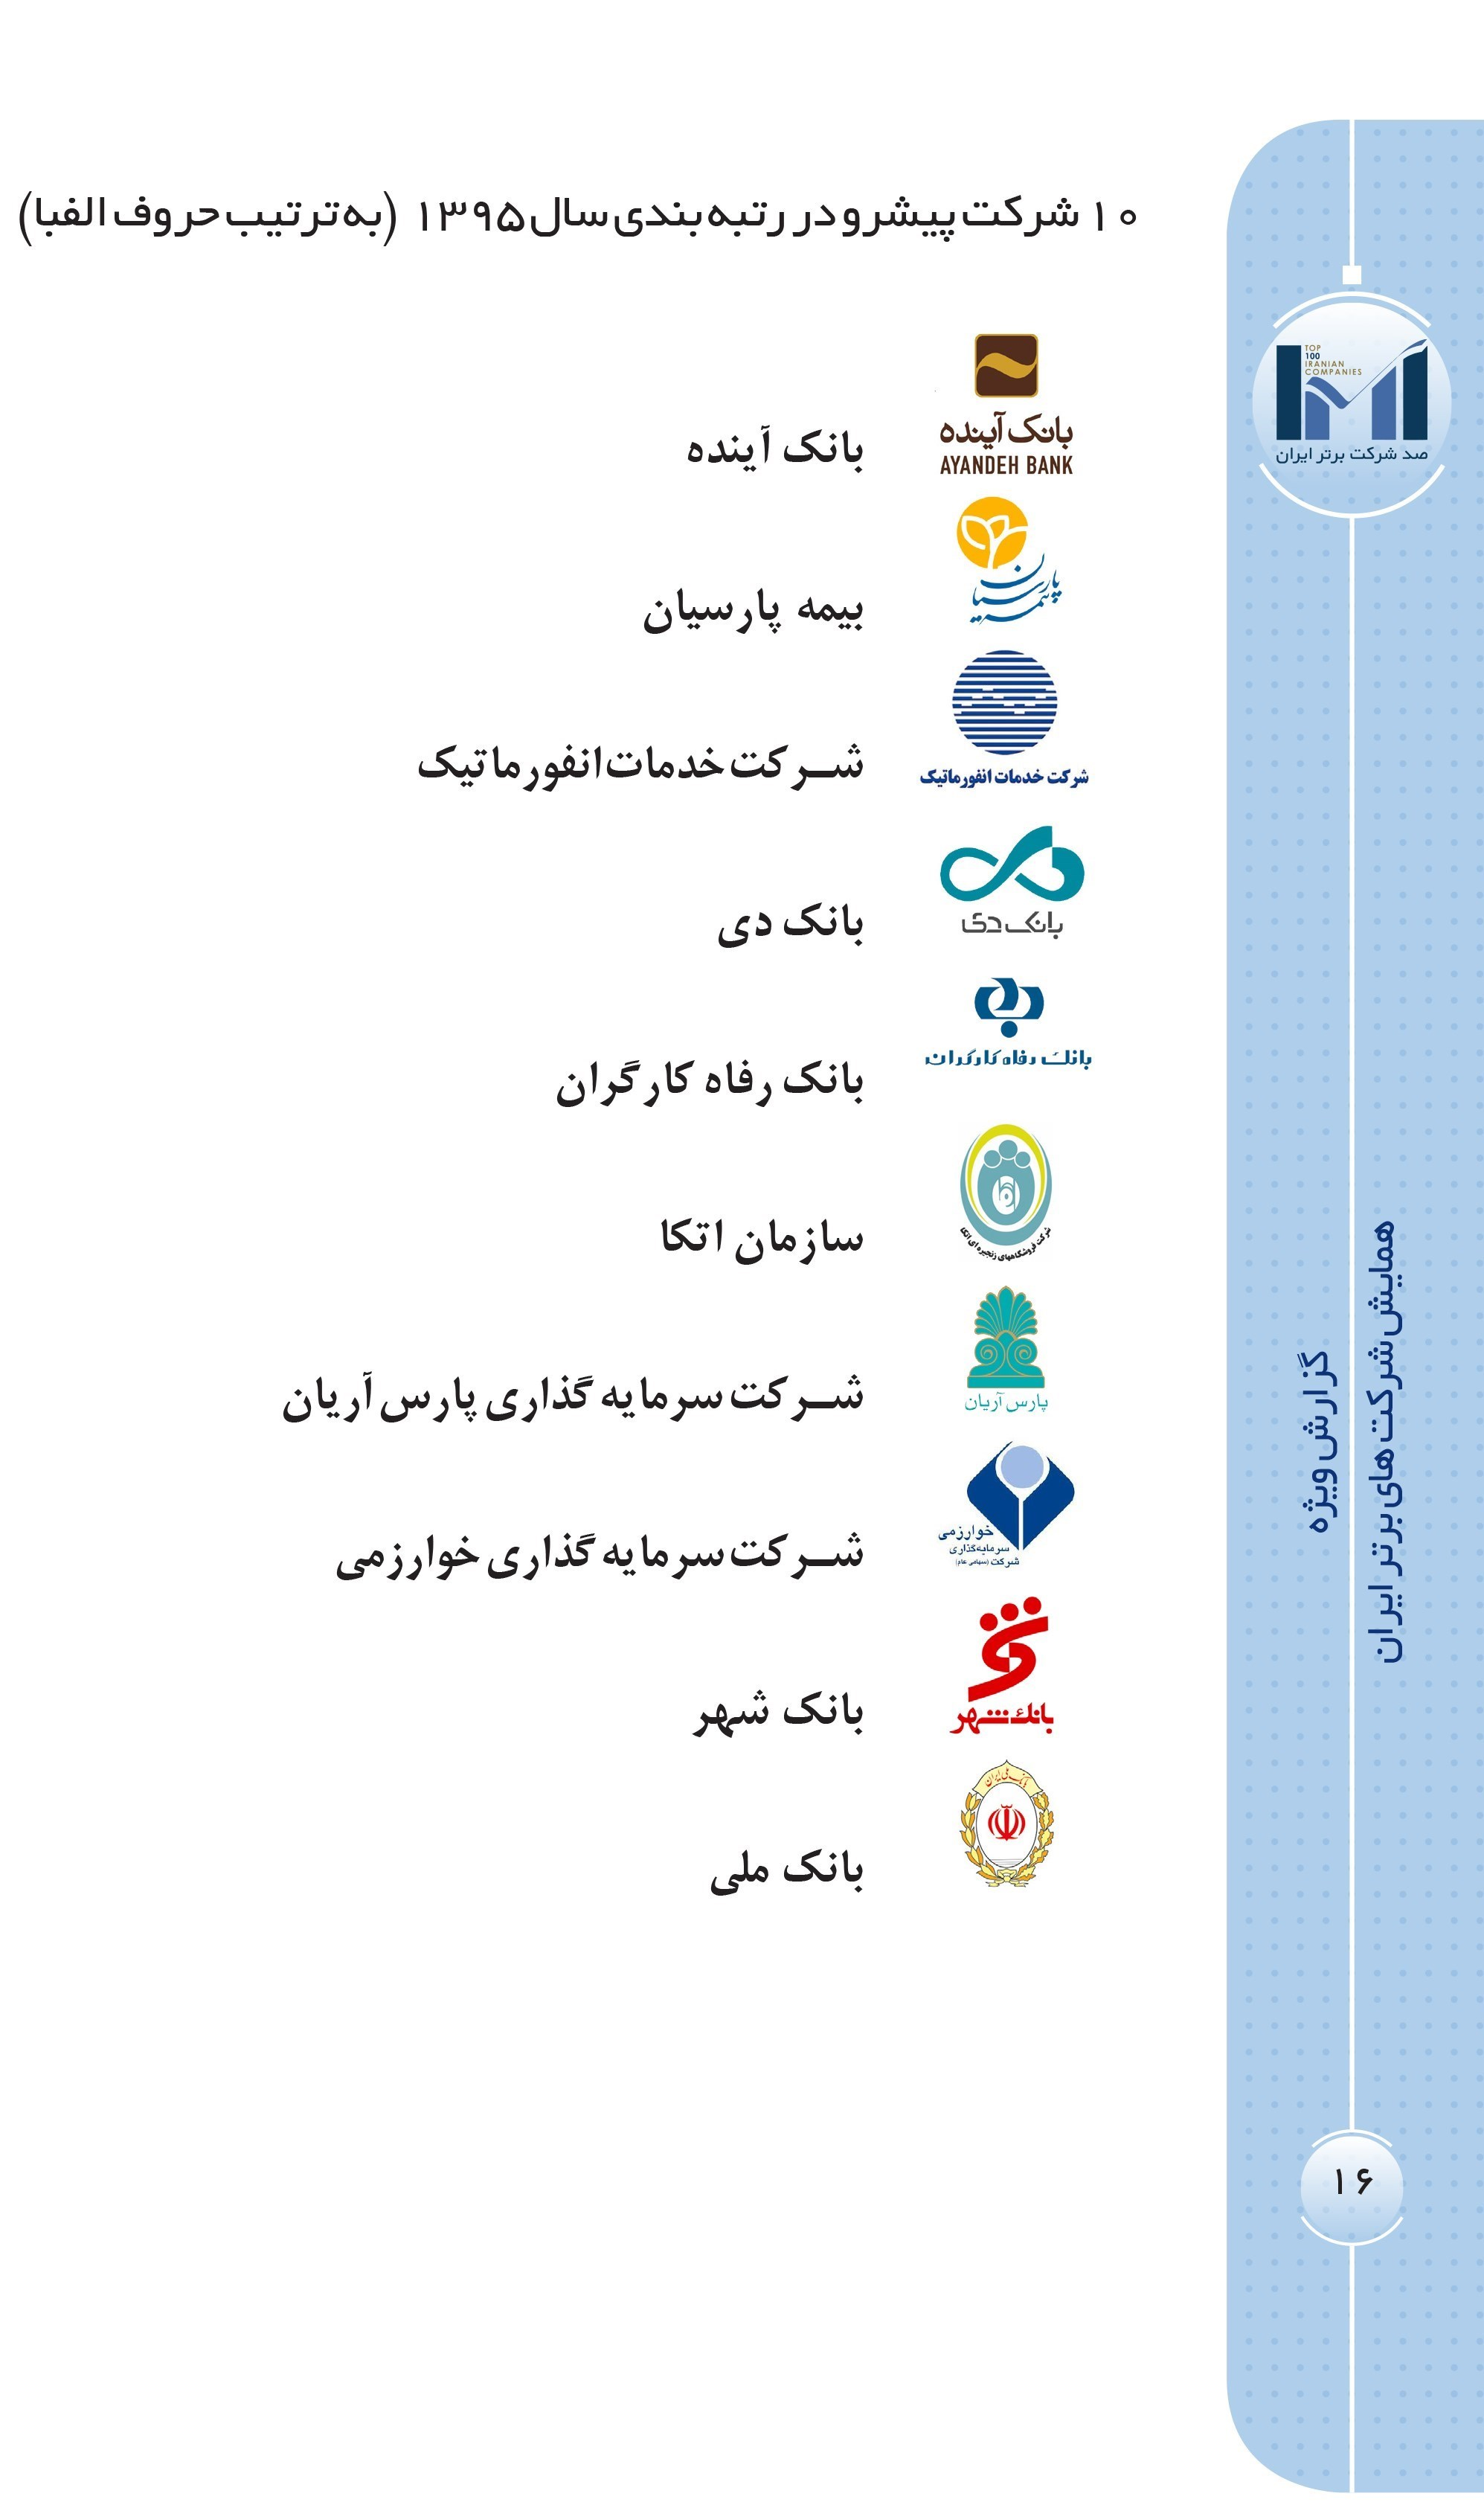 100 شرکت برتر ایران معرفی شدند